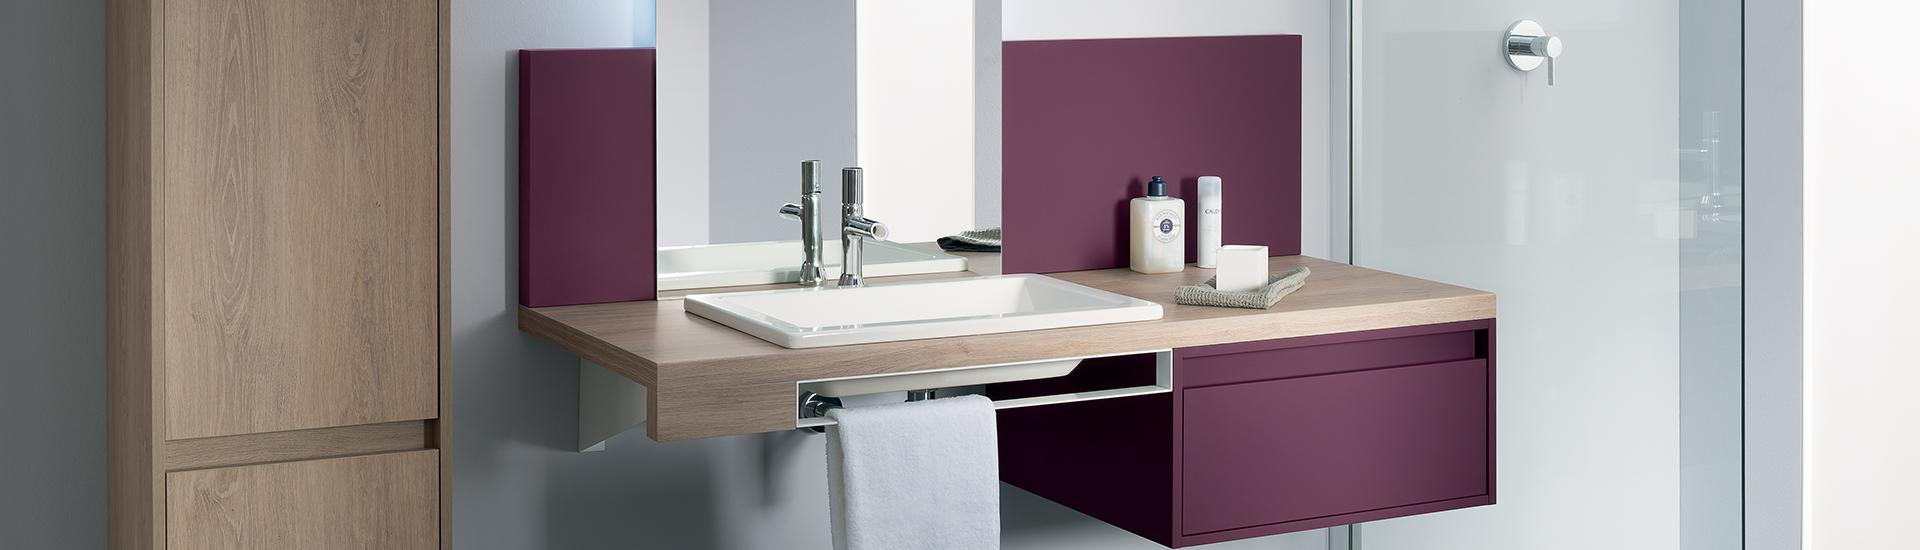 Meuble Vasque Salle De Bain Pmr ~ meuble salle de bain pmr id es inspir es pour la maison lexib net